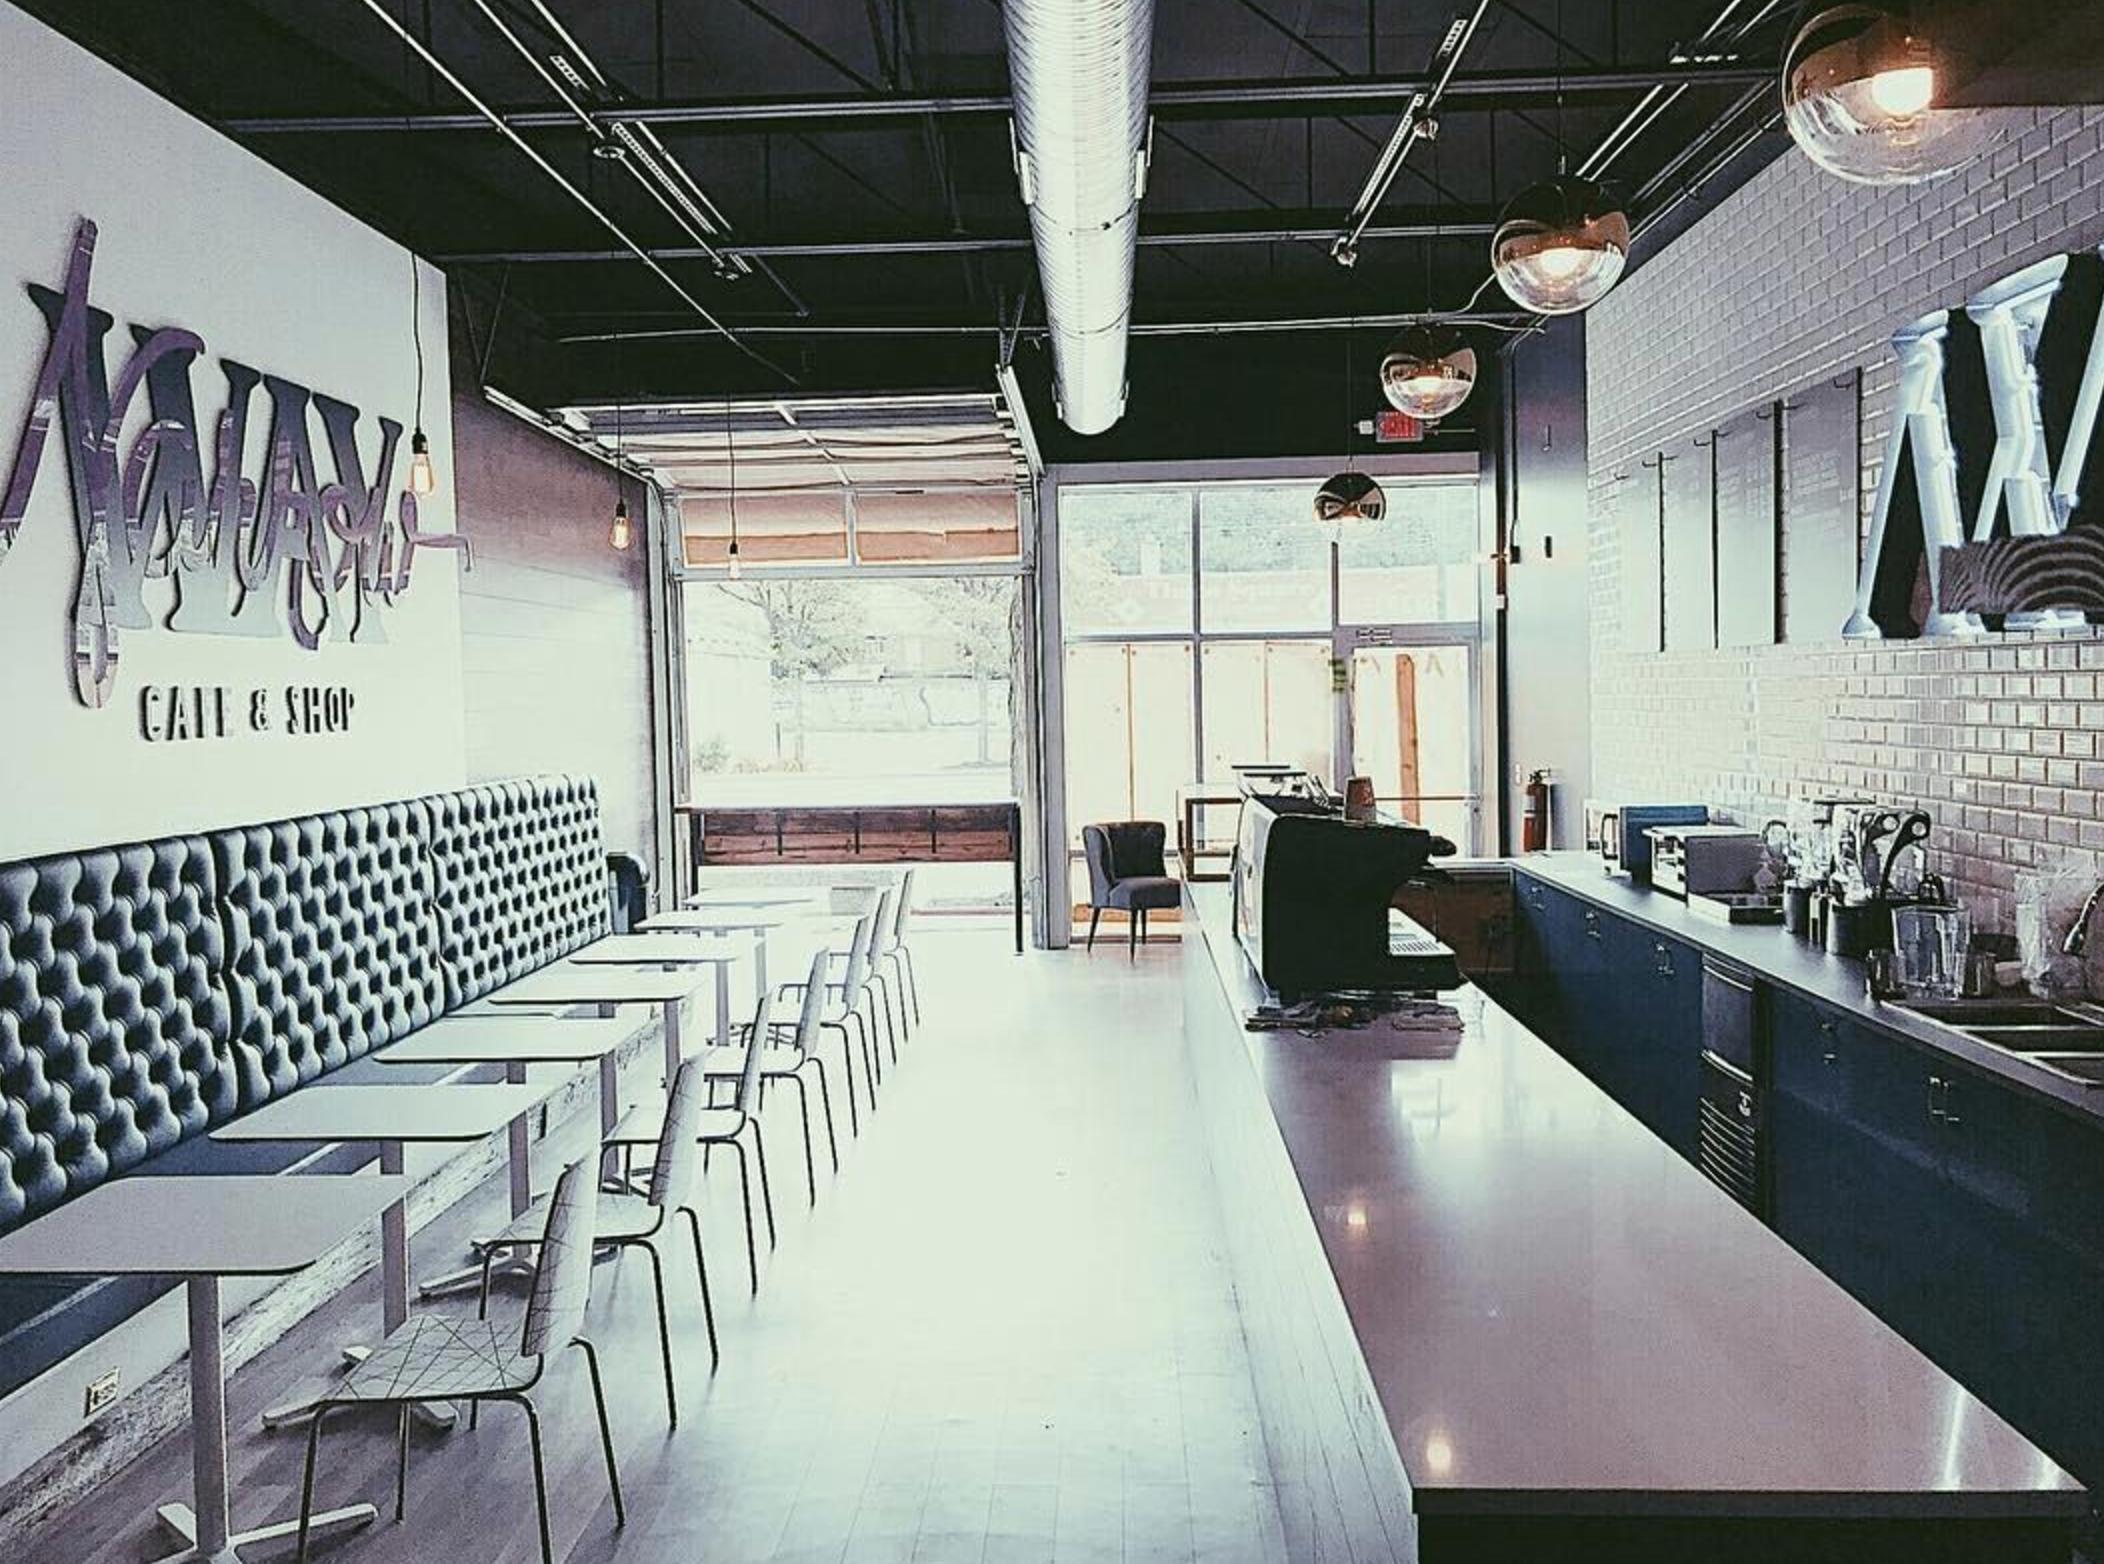 narrow way cafe coffee shop opens wednesday next to kuzzo's